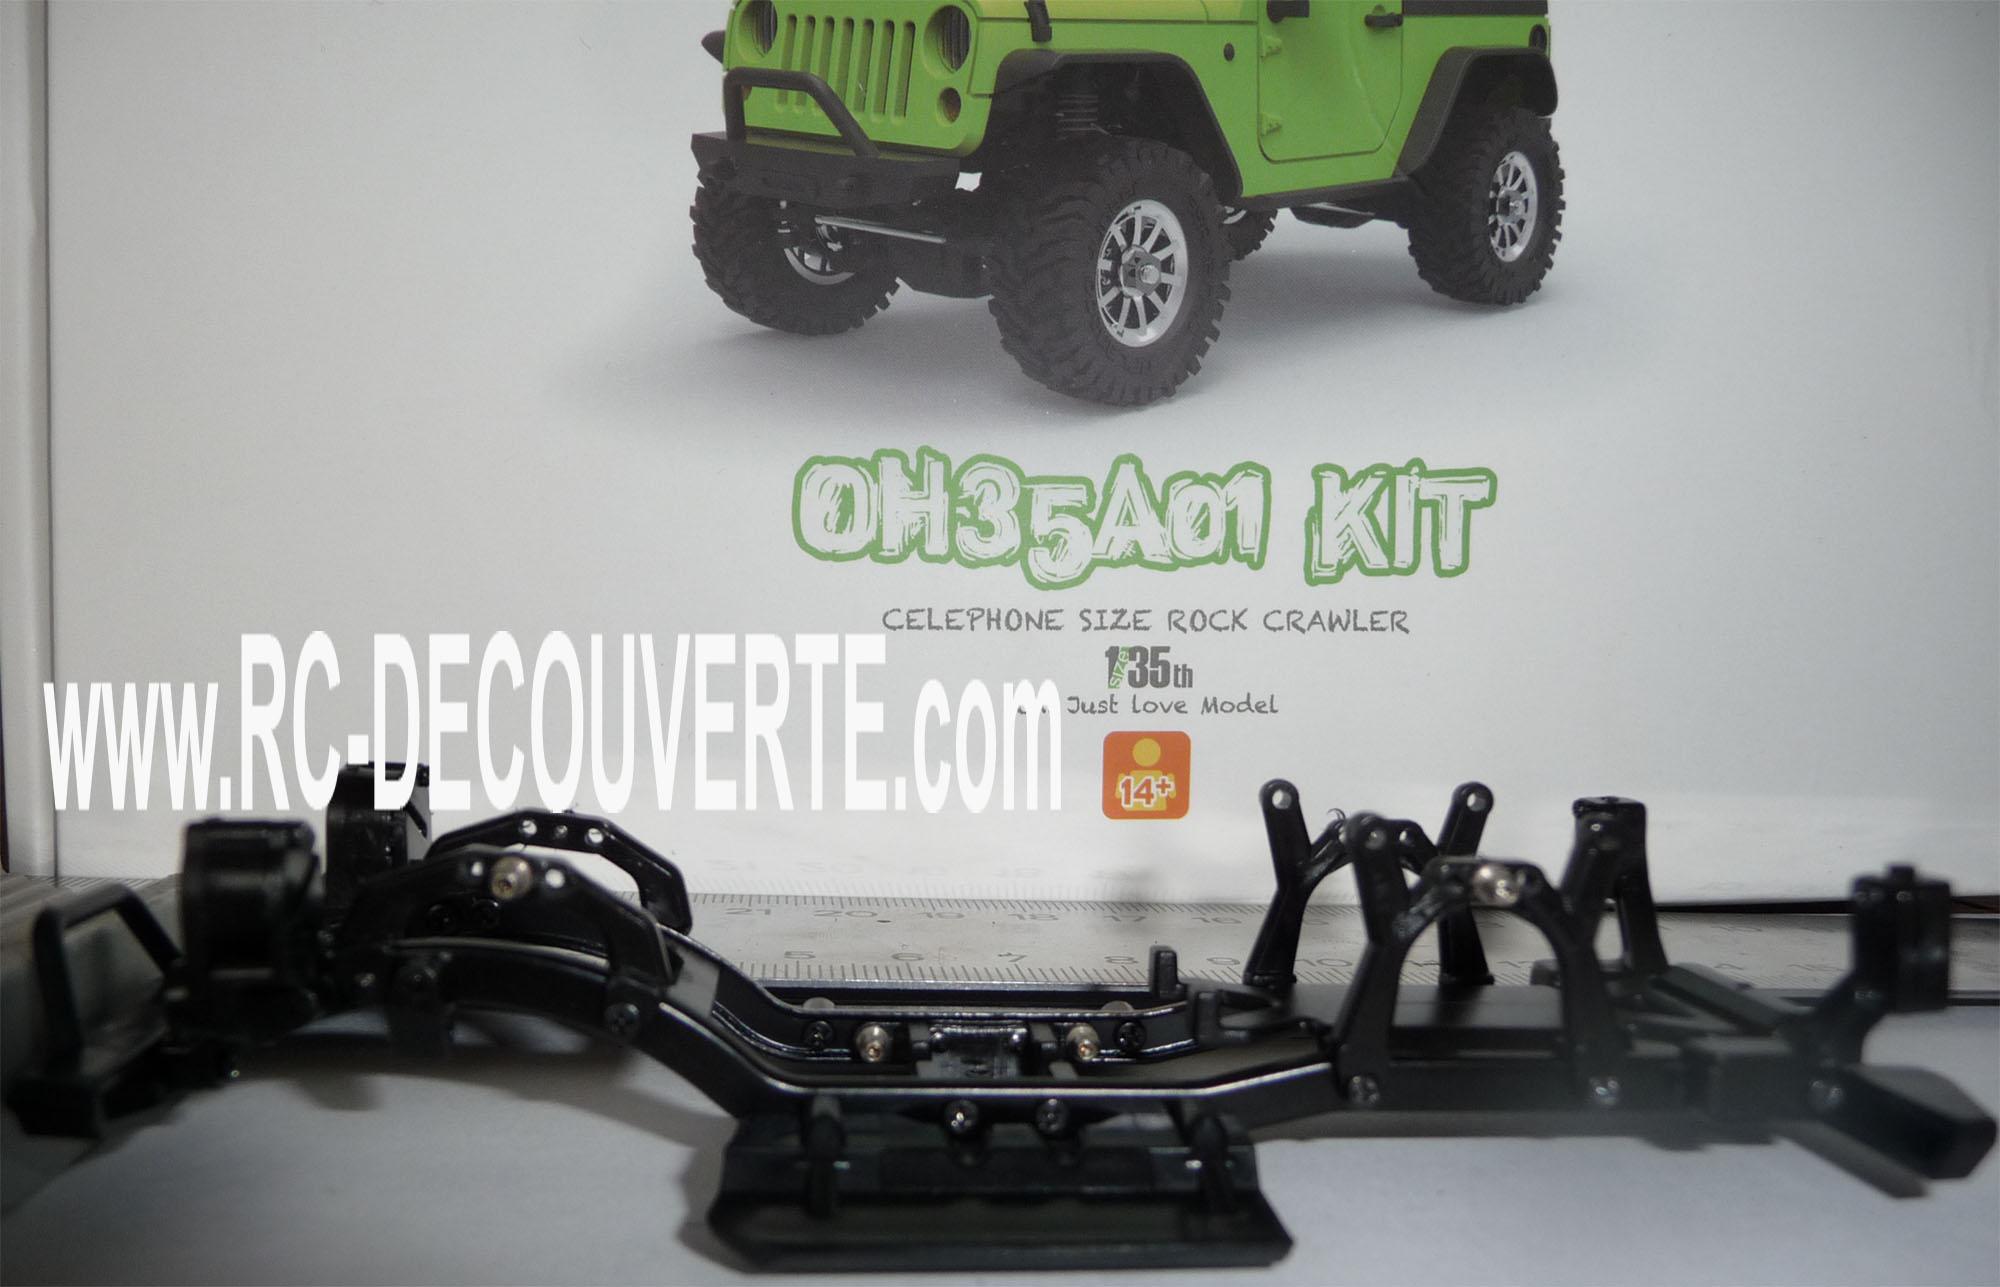 Orlandoo OH35A01 Kit Jeep 1/35 mini crawler présentation découverte montage et essai Orland16